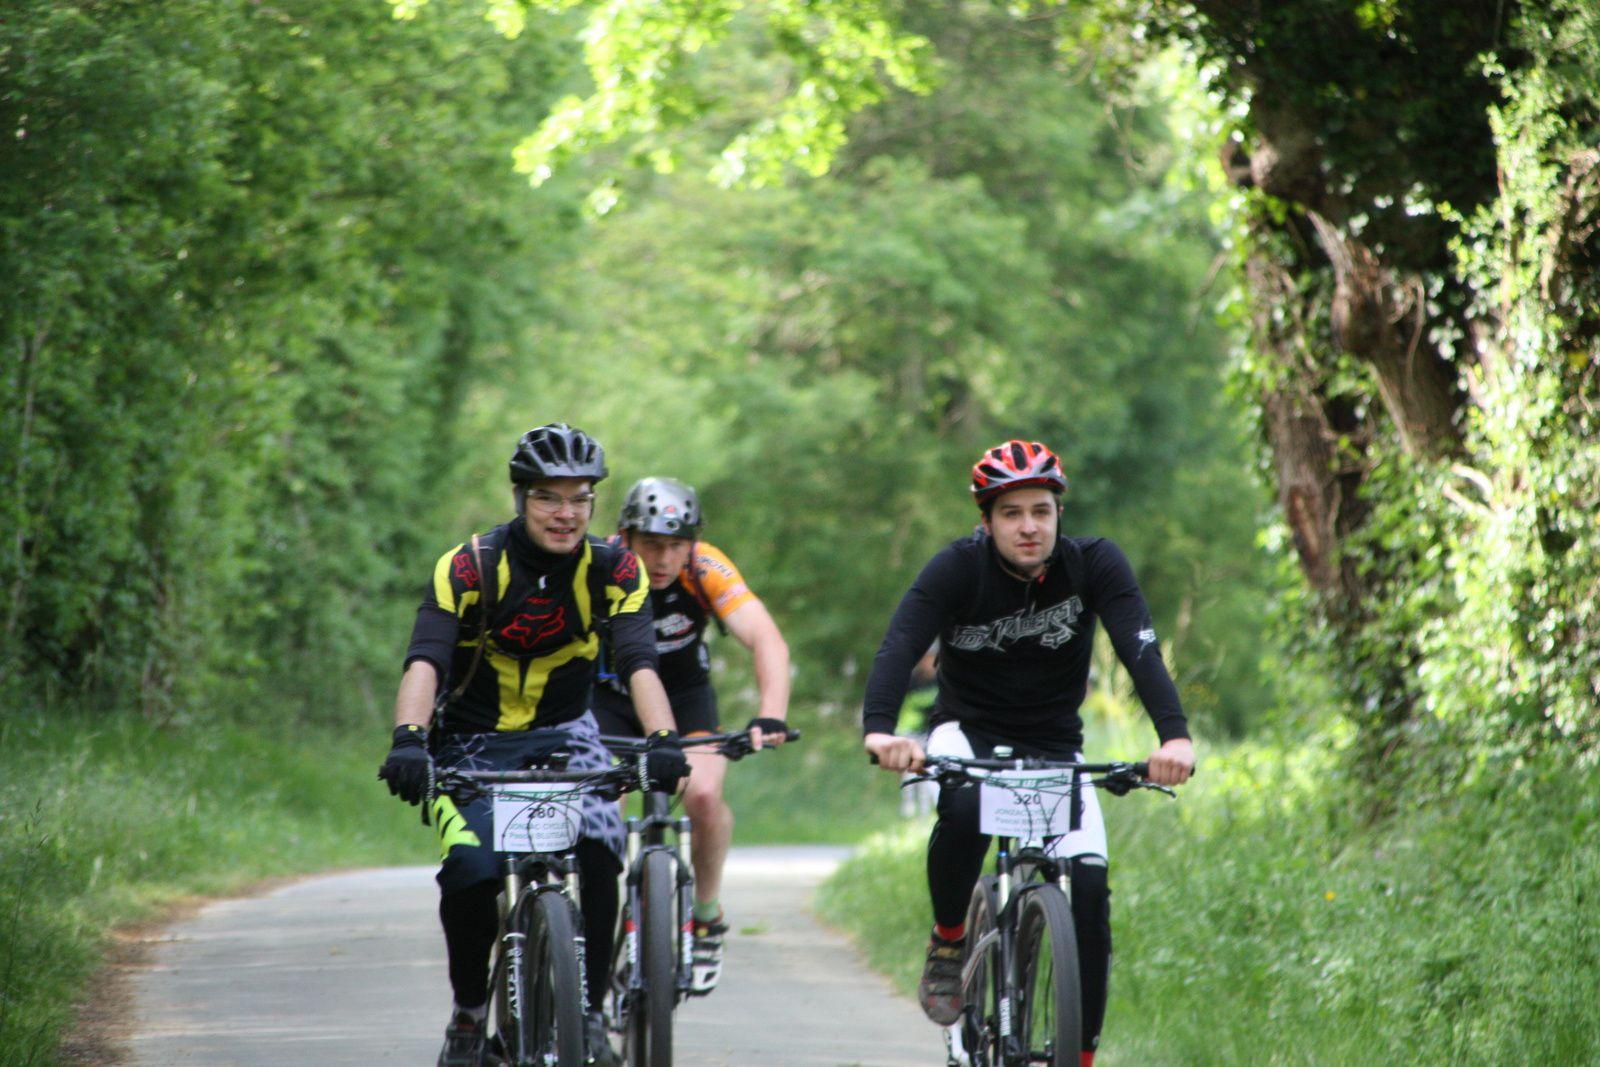 L'arrivée  au  ravitaillement  pour  les  25  et  45  kms.Mathéo  et  Toan  sont  les  représentants  du  club  sur  le  25  kms, ils  sont  encadrés  par  Joél.